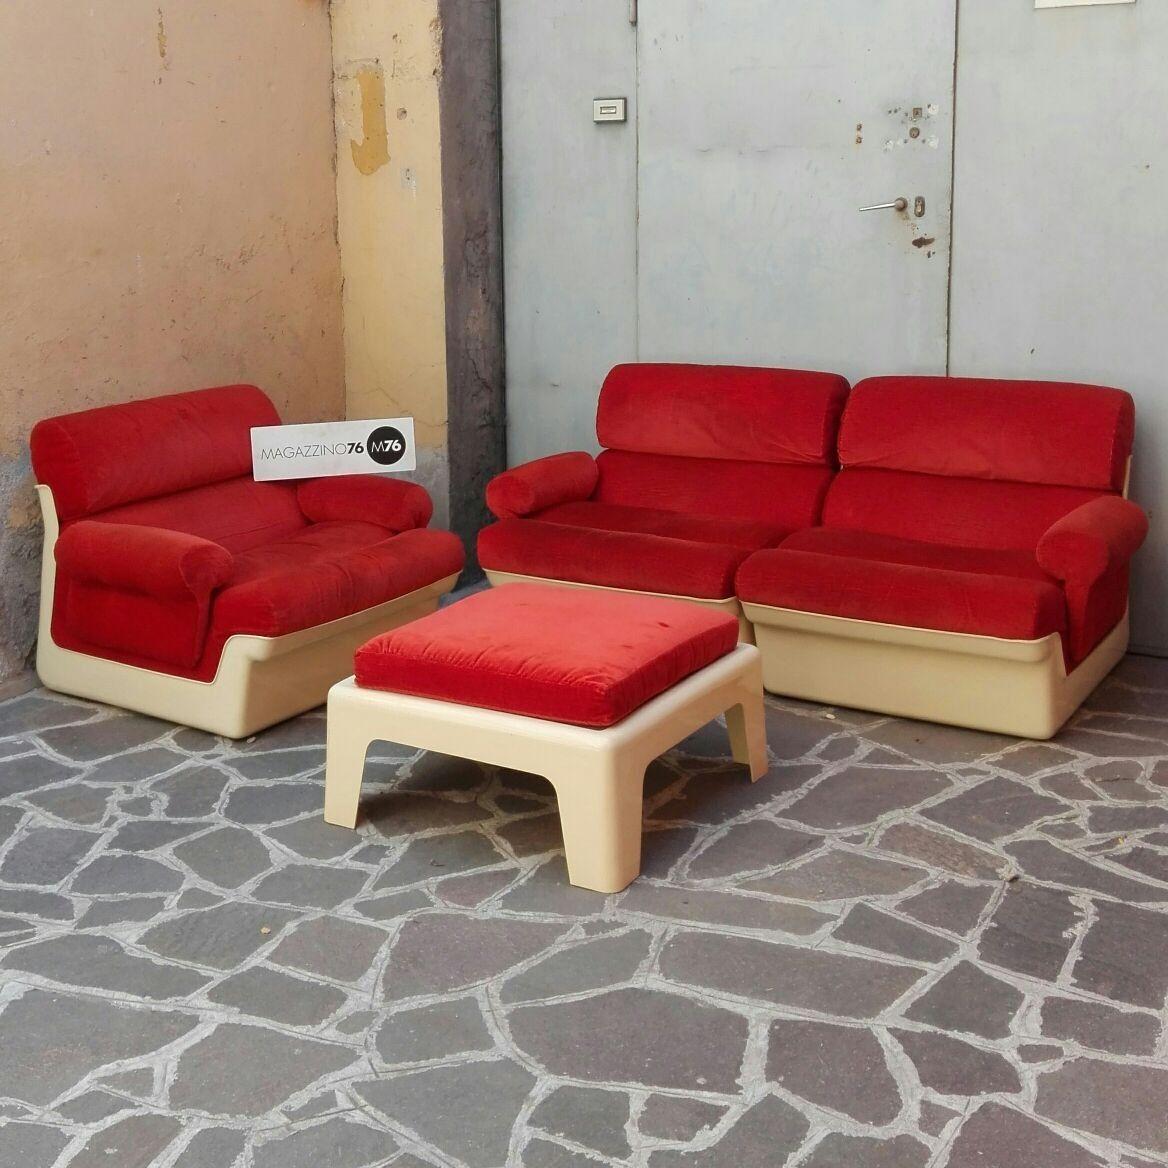 Divano modulare a due posti e poltrona chaise longue anni